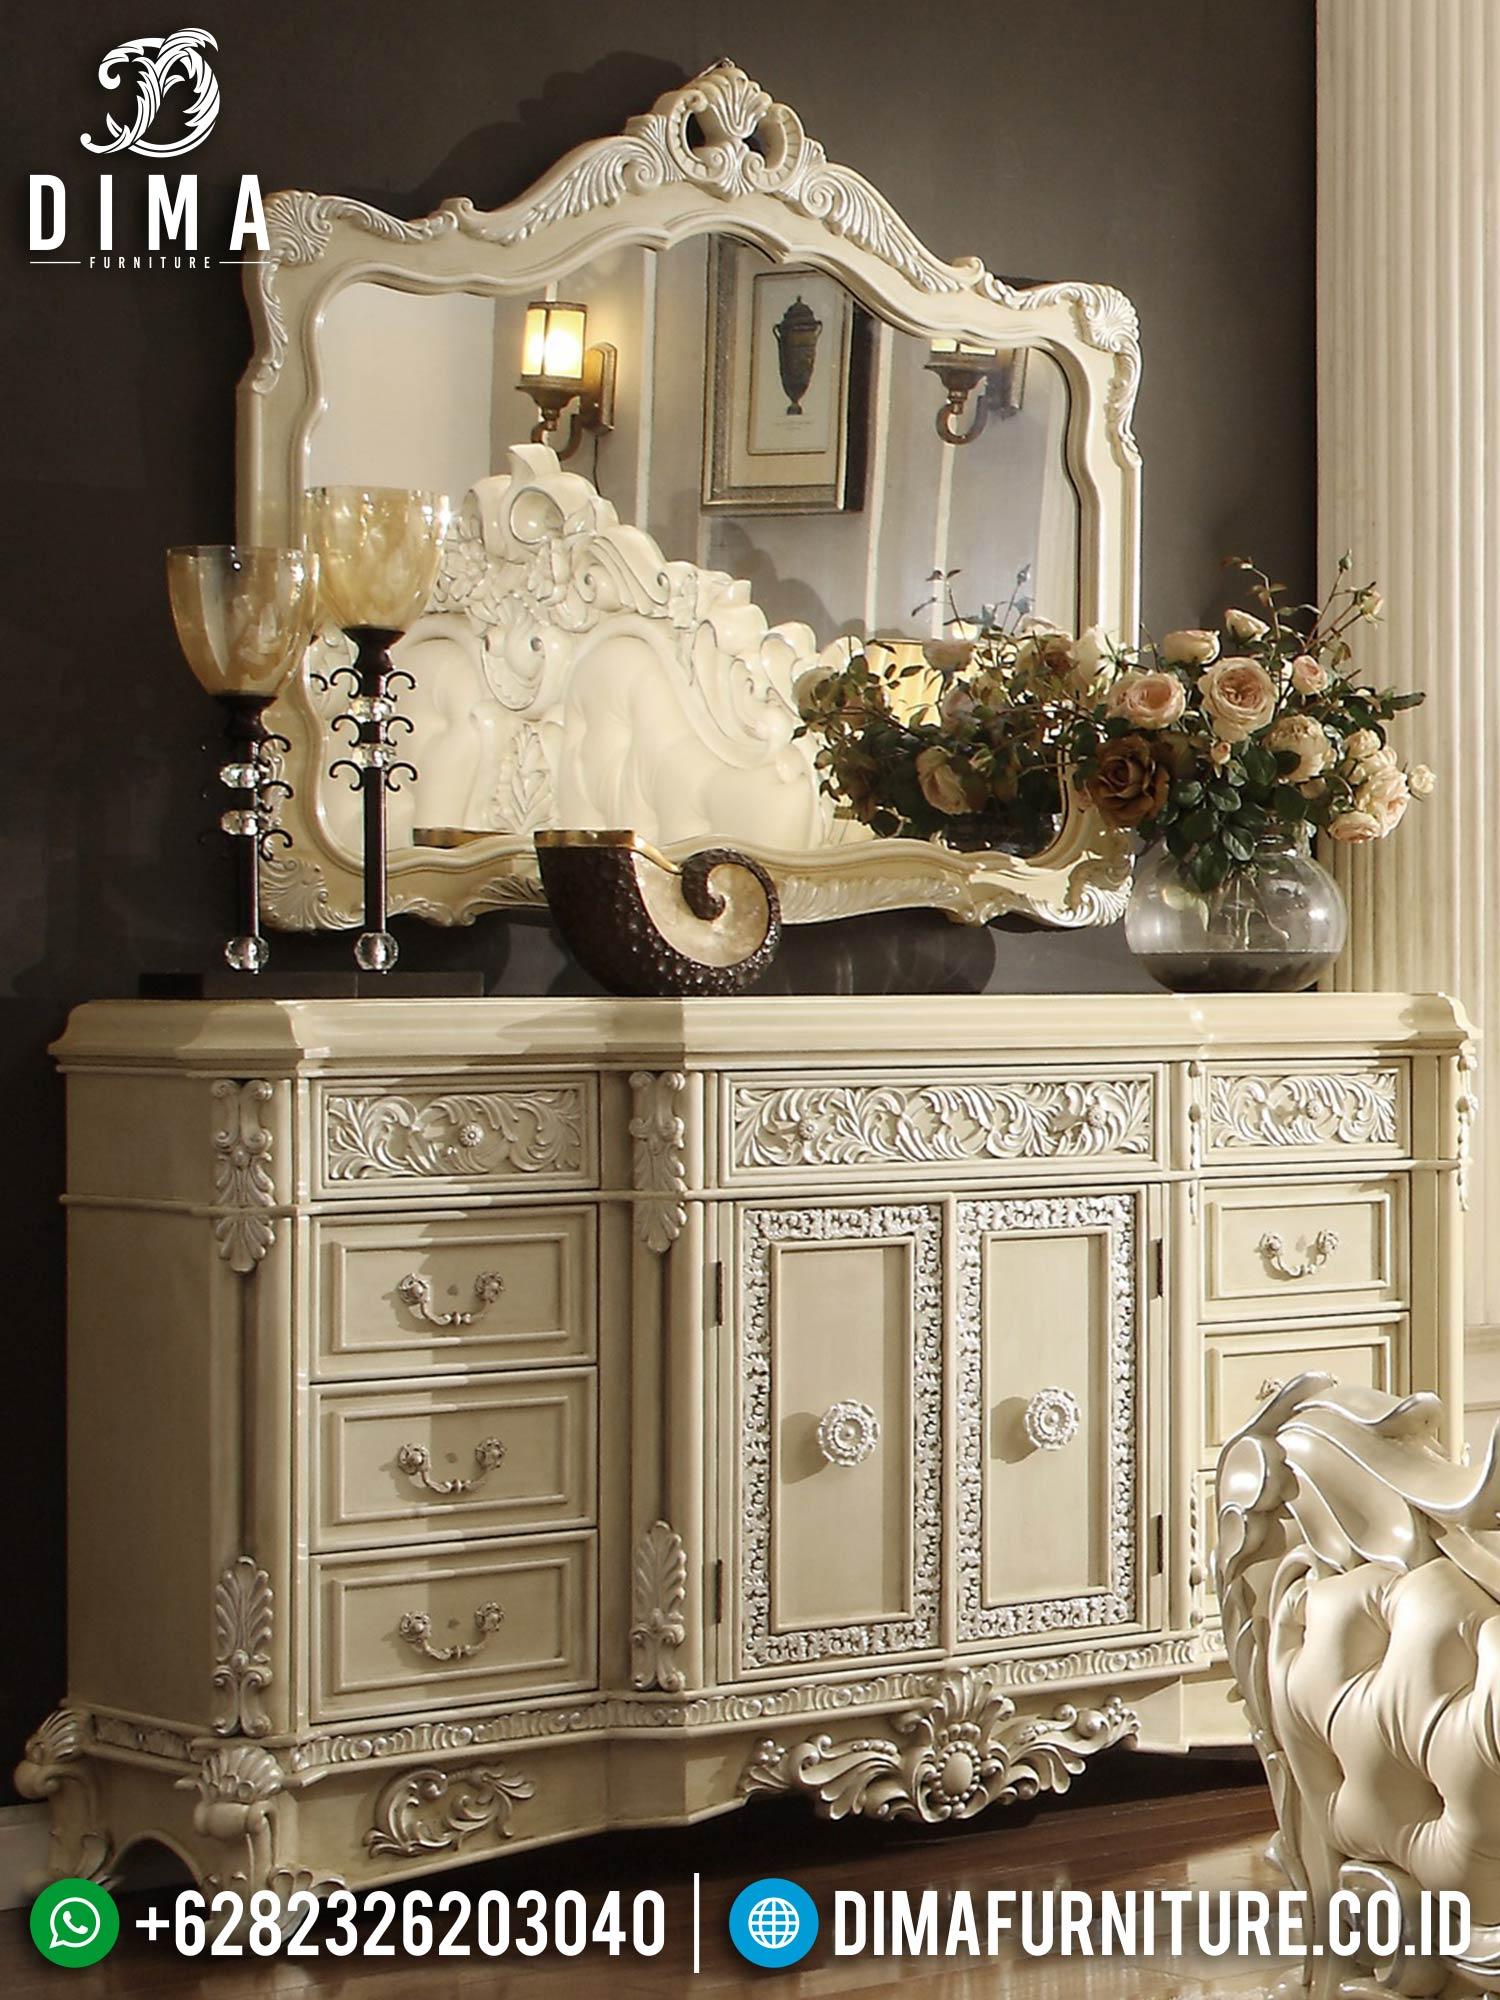 Order Now Meja Konsol Mewah Ukir Jepara Beautiful Design Interior TTJ-1561